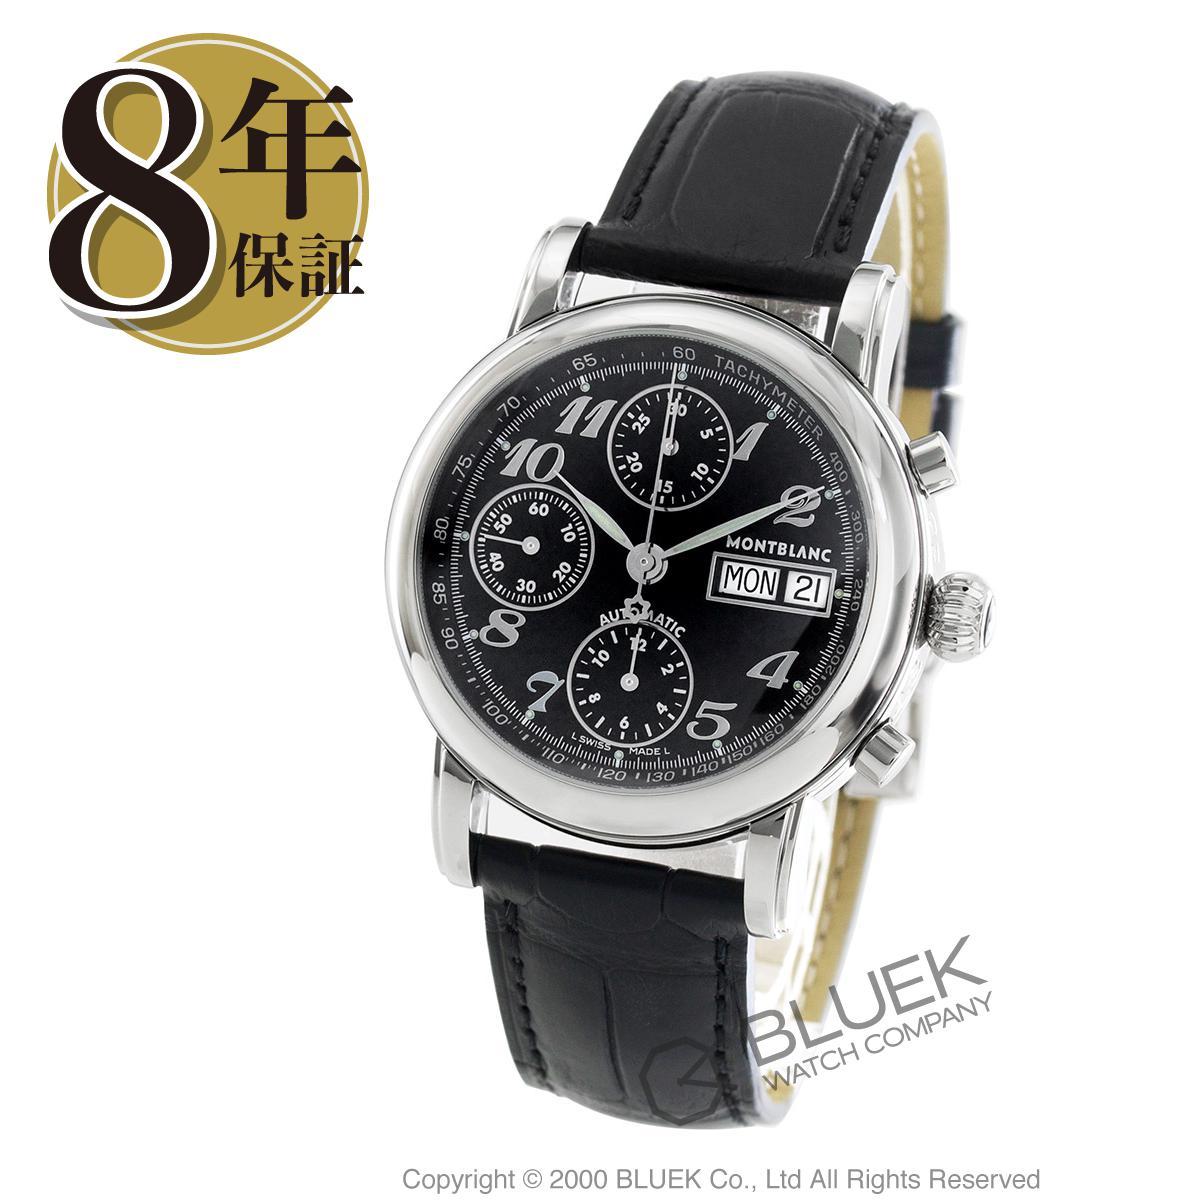 【3,000円OFFクーポン対象】モンブラン スター クロノグラフ アリゲーターレザー 腕時計 メンズ MONTBLANC 8451_8